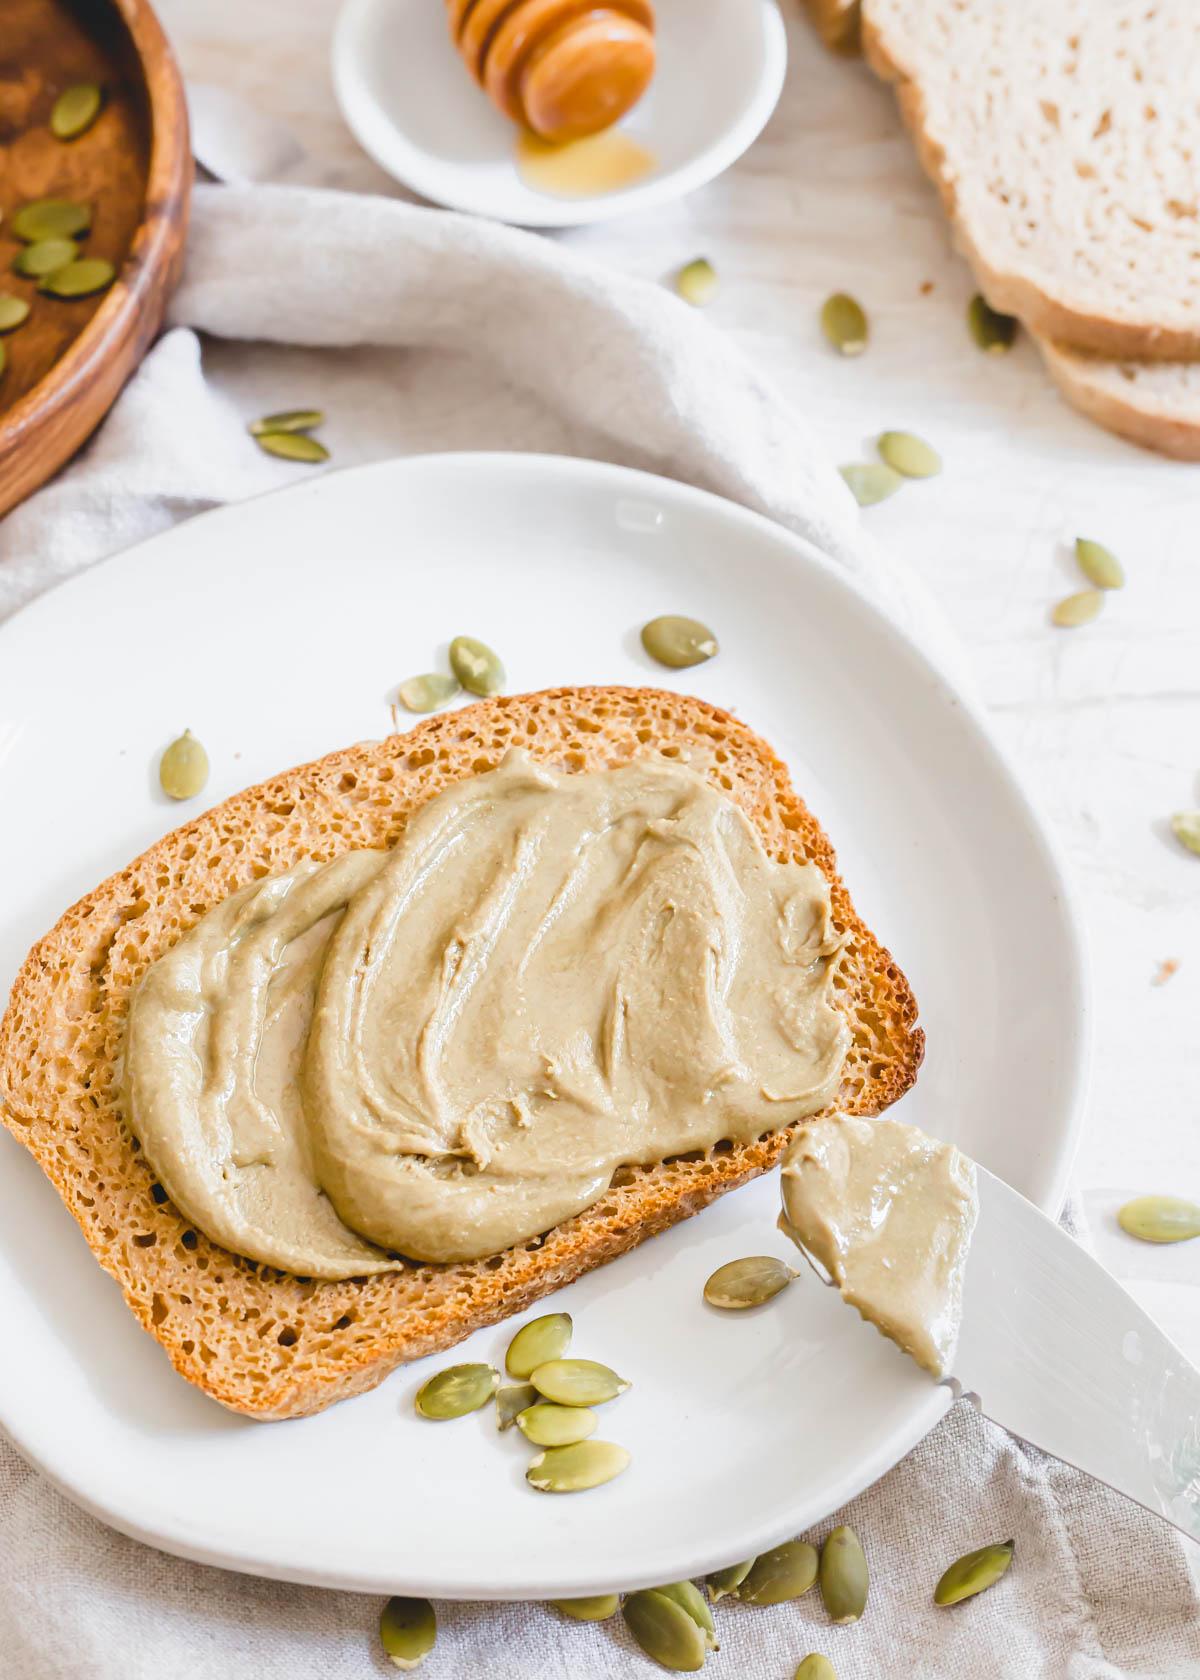 Spreading healthy pumpkin seed butter on gluten-free sourdough toast.